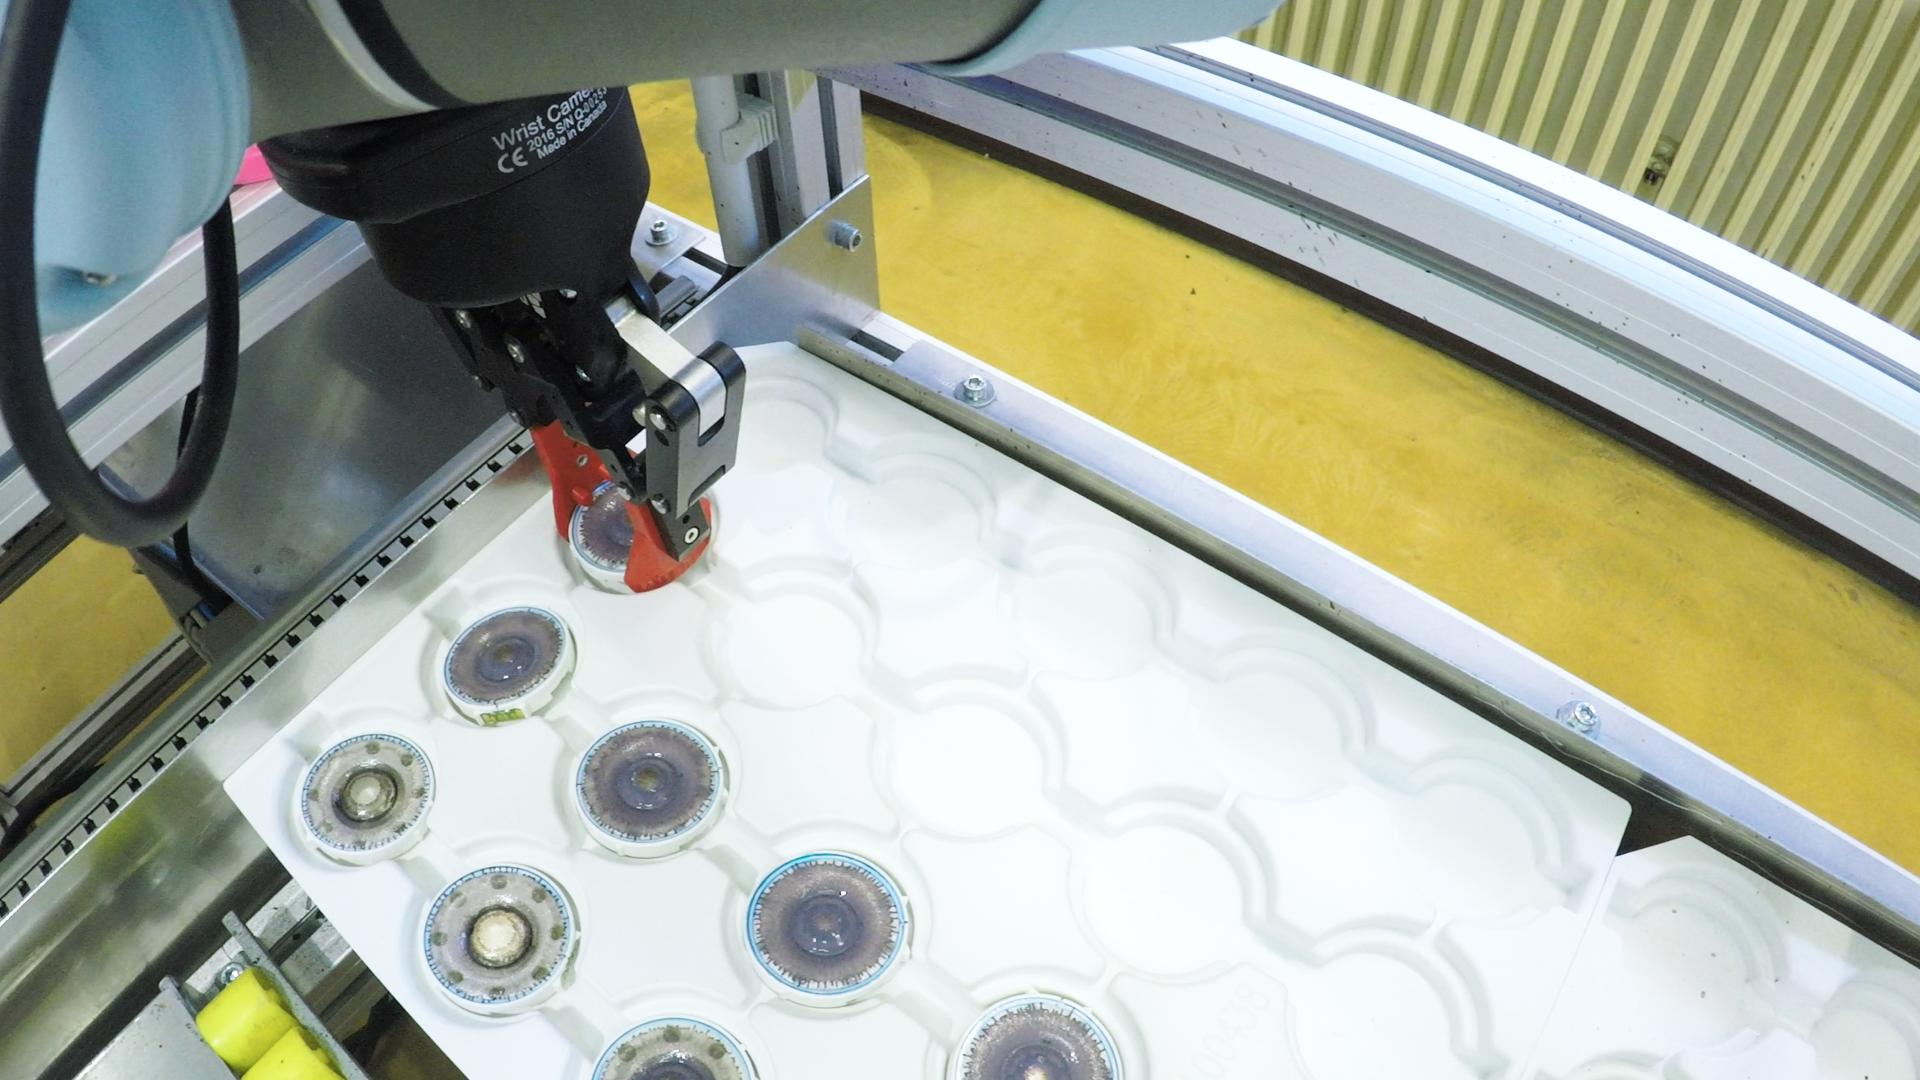 robotiq gripper packaging